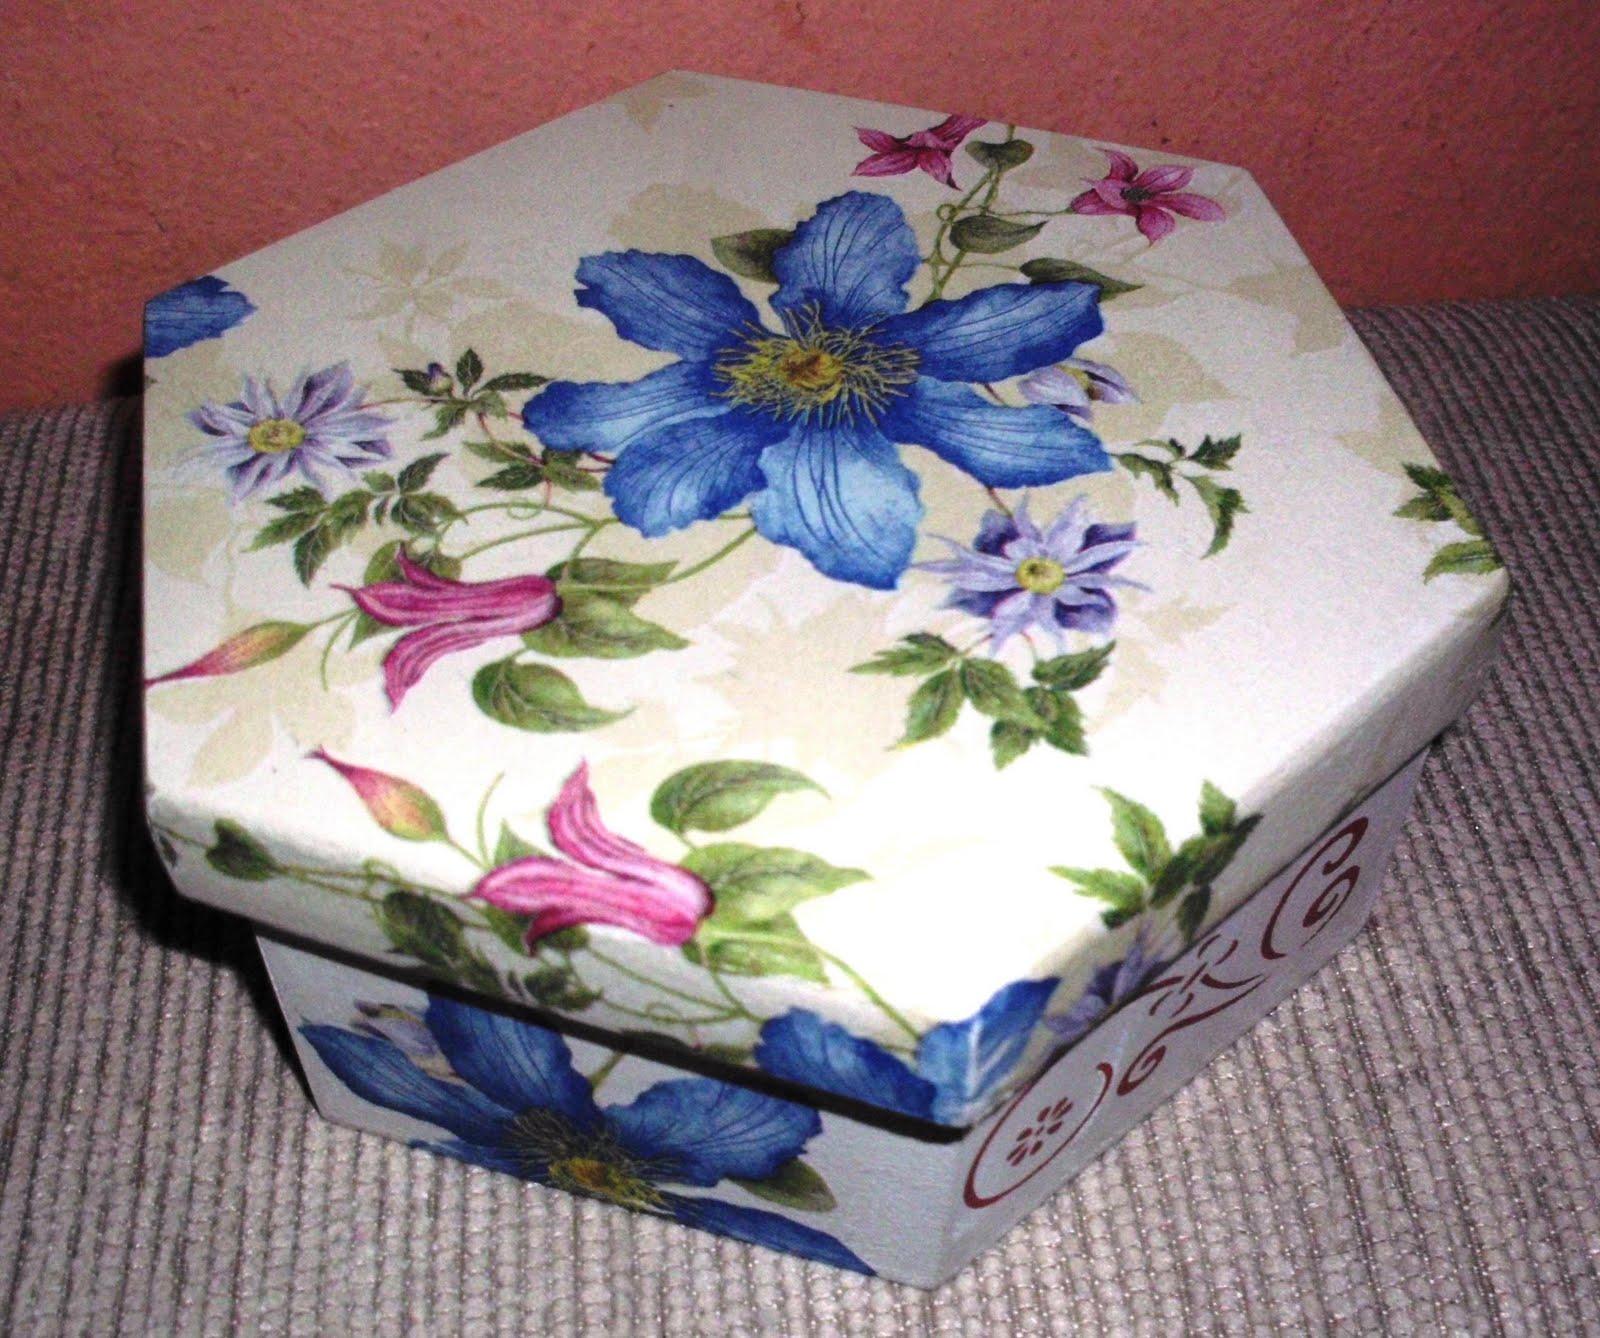 Ateliê Idéia é Arte: Caixa de MDF decorada com decoupage #2C3D77 1600x1338